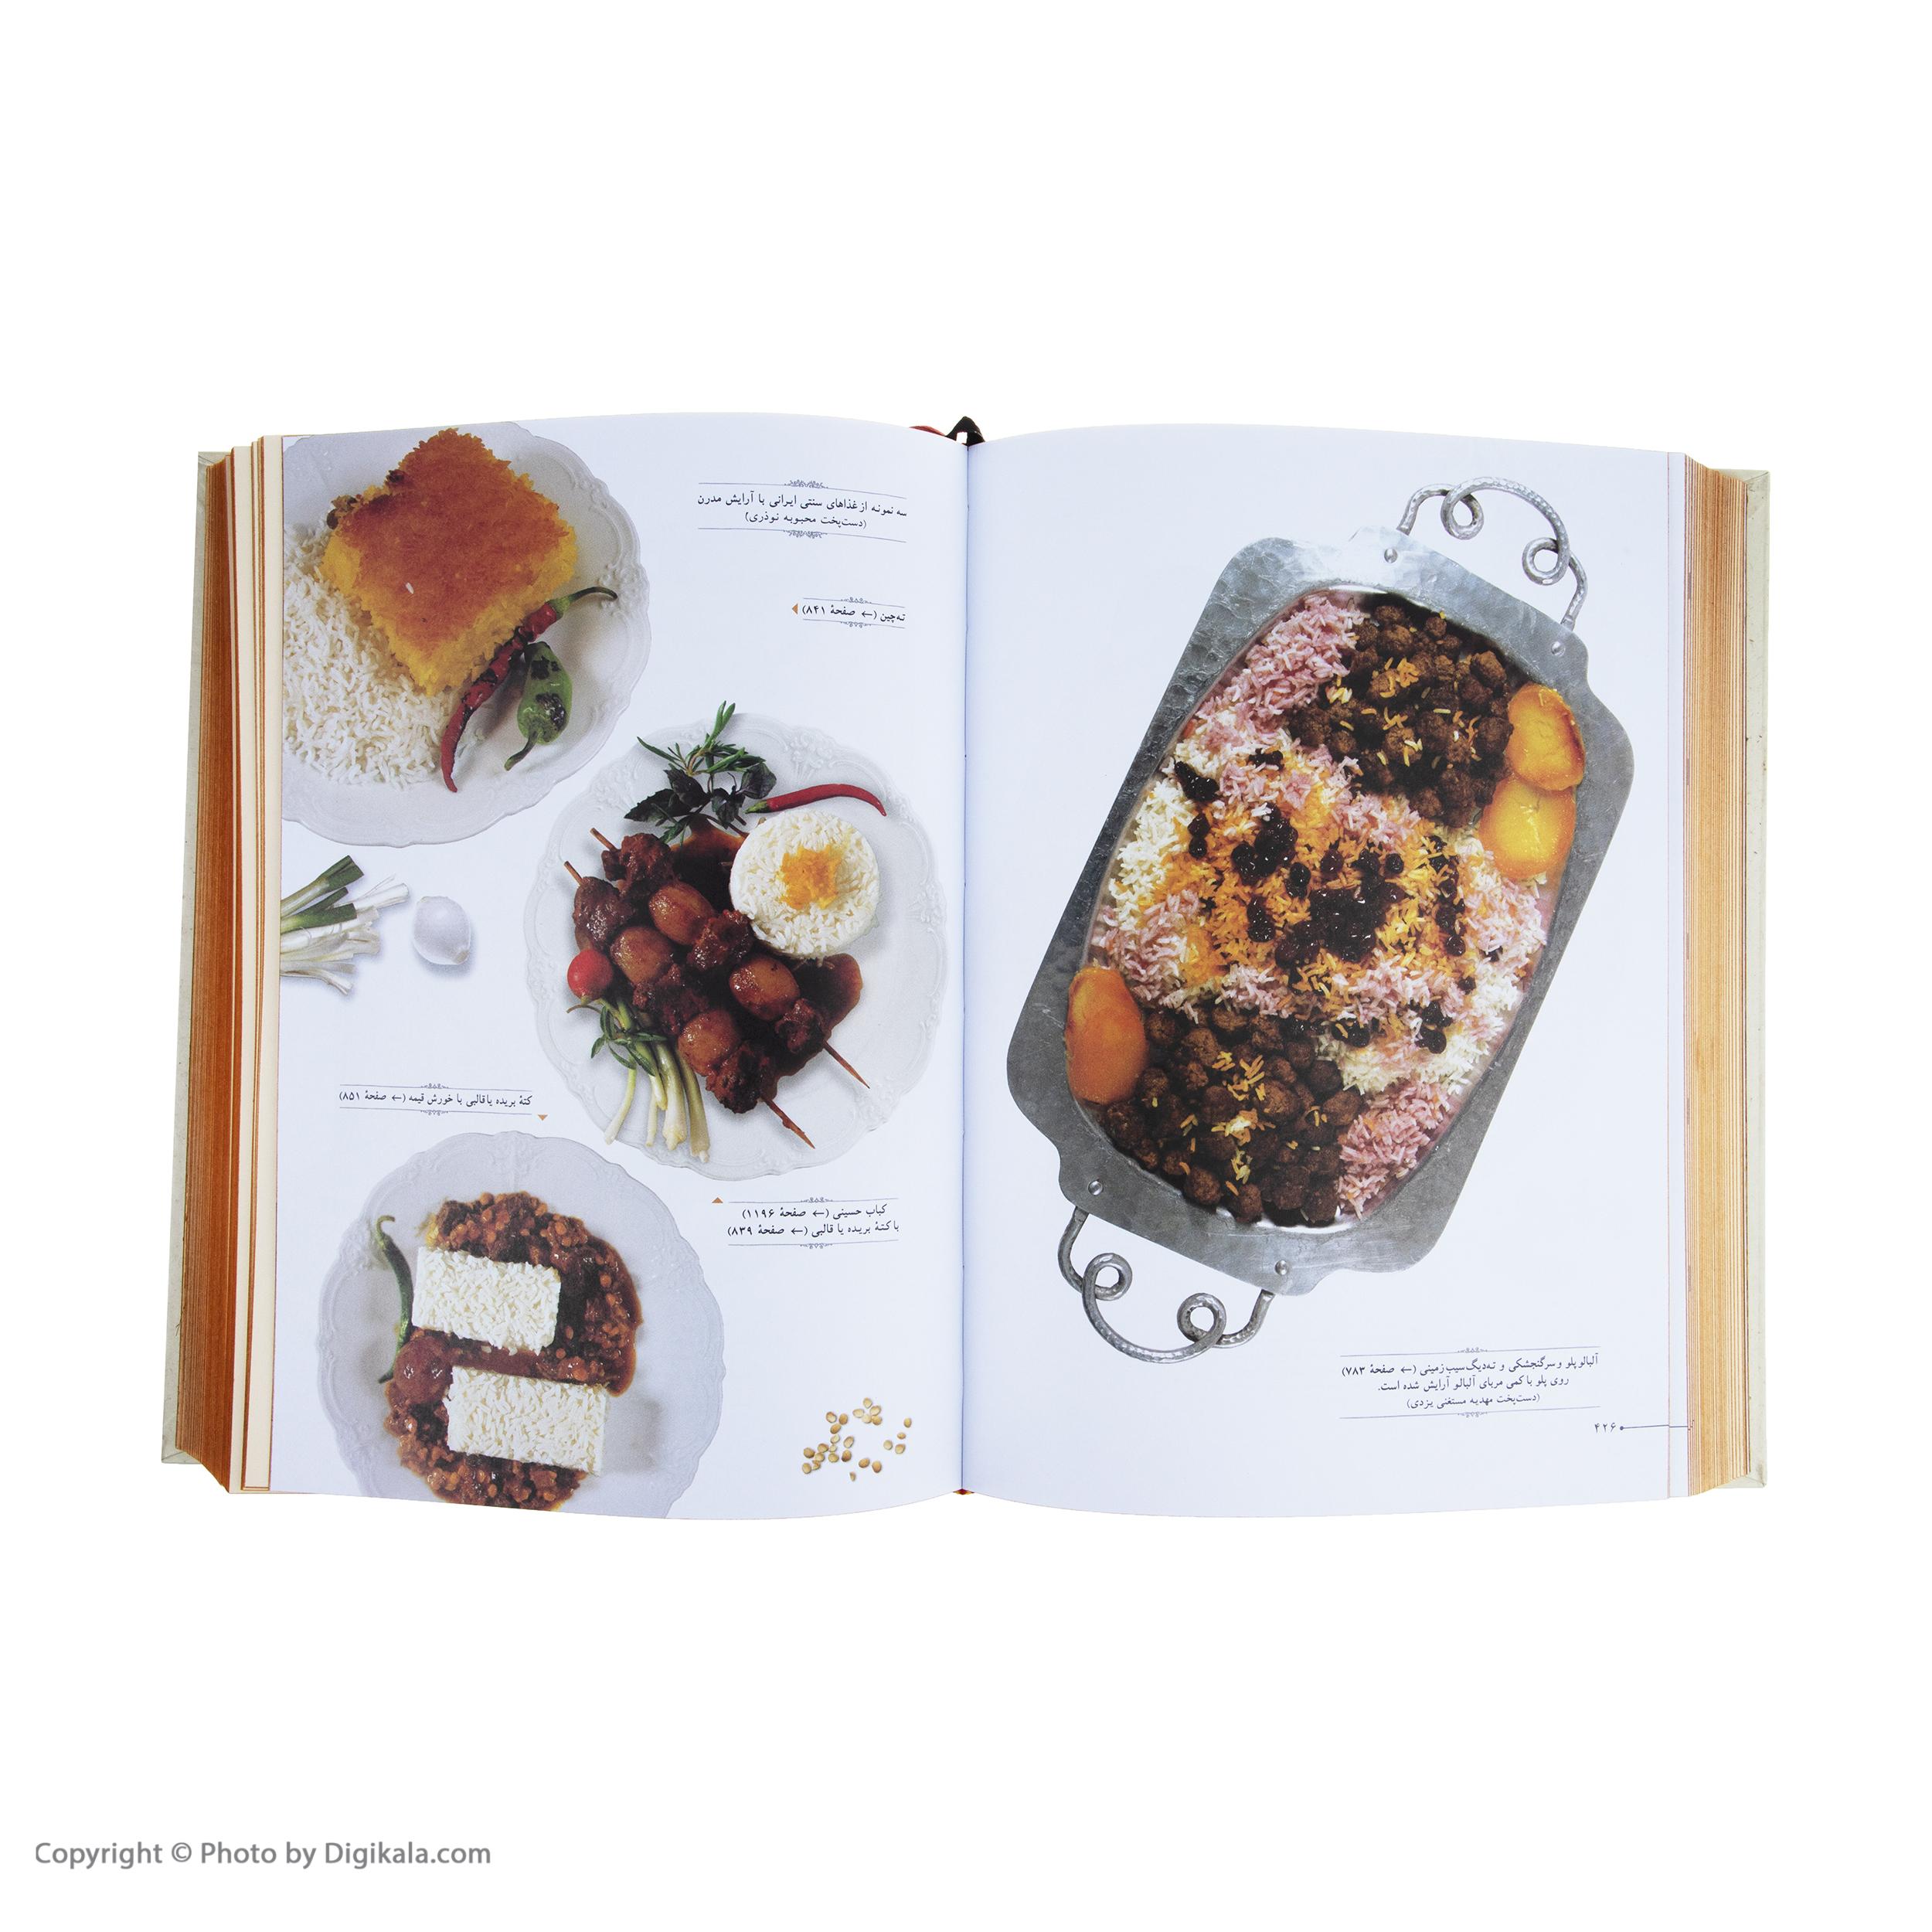 کتاب مستطاب آشپزی از سیر تا پیاز اثر نجف دریابندری دو جلدی main 1 6